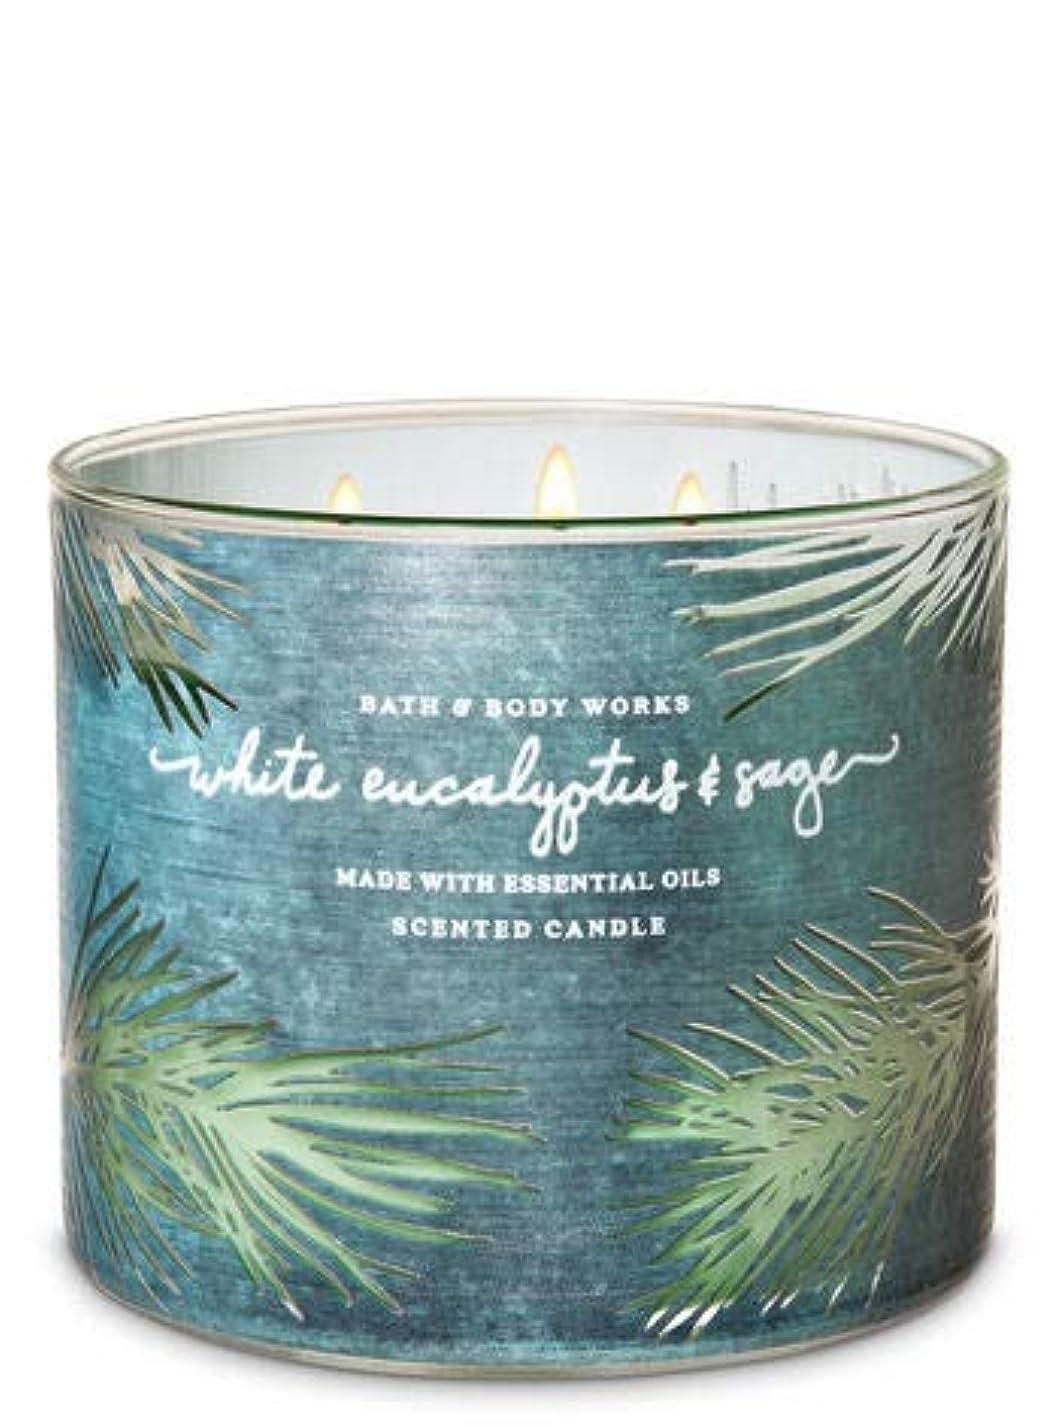 便利さ適応する理想的には【Bath&Body Works/バス&ボディワークス】 アロマ キャンドル ホワイトユーカリ&セージ 3-Wick Scented Candle White Eucalyptus & Sage 14.5oz/411g...